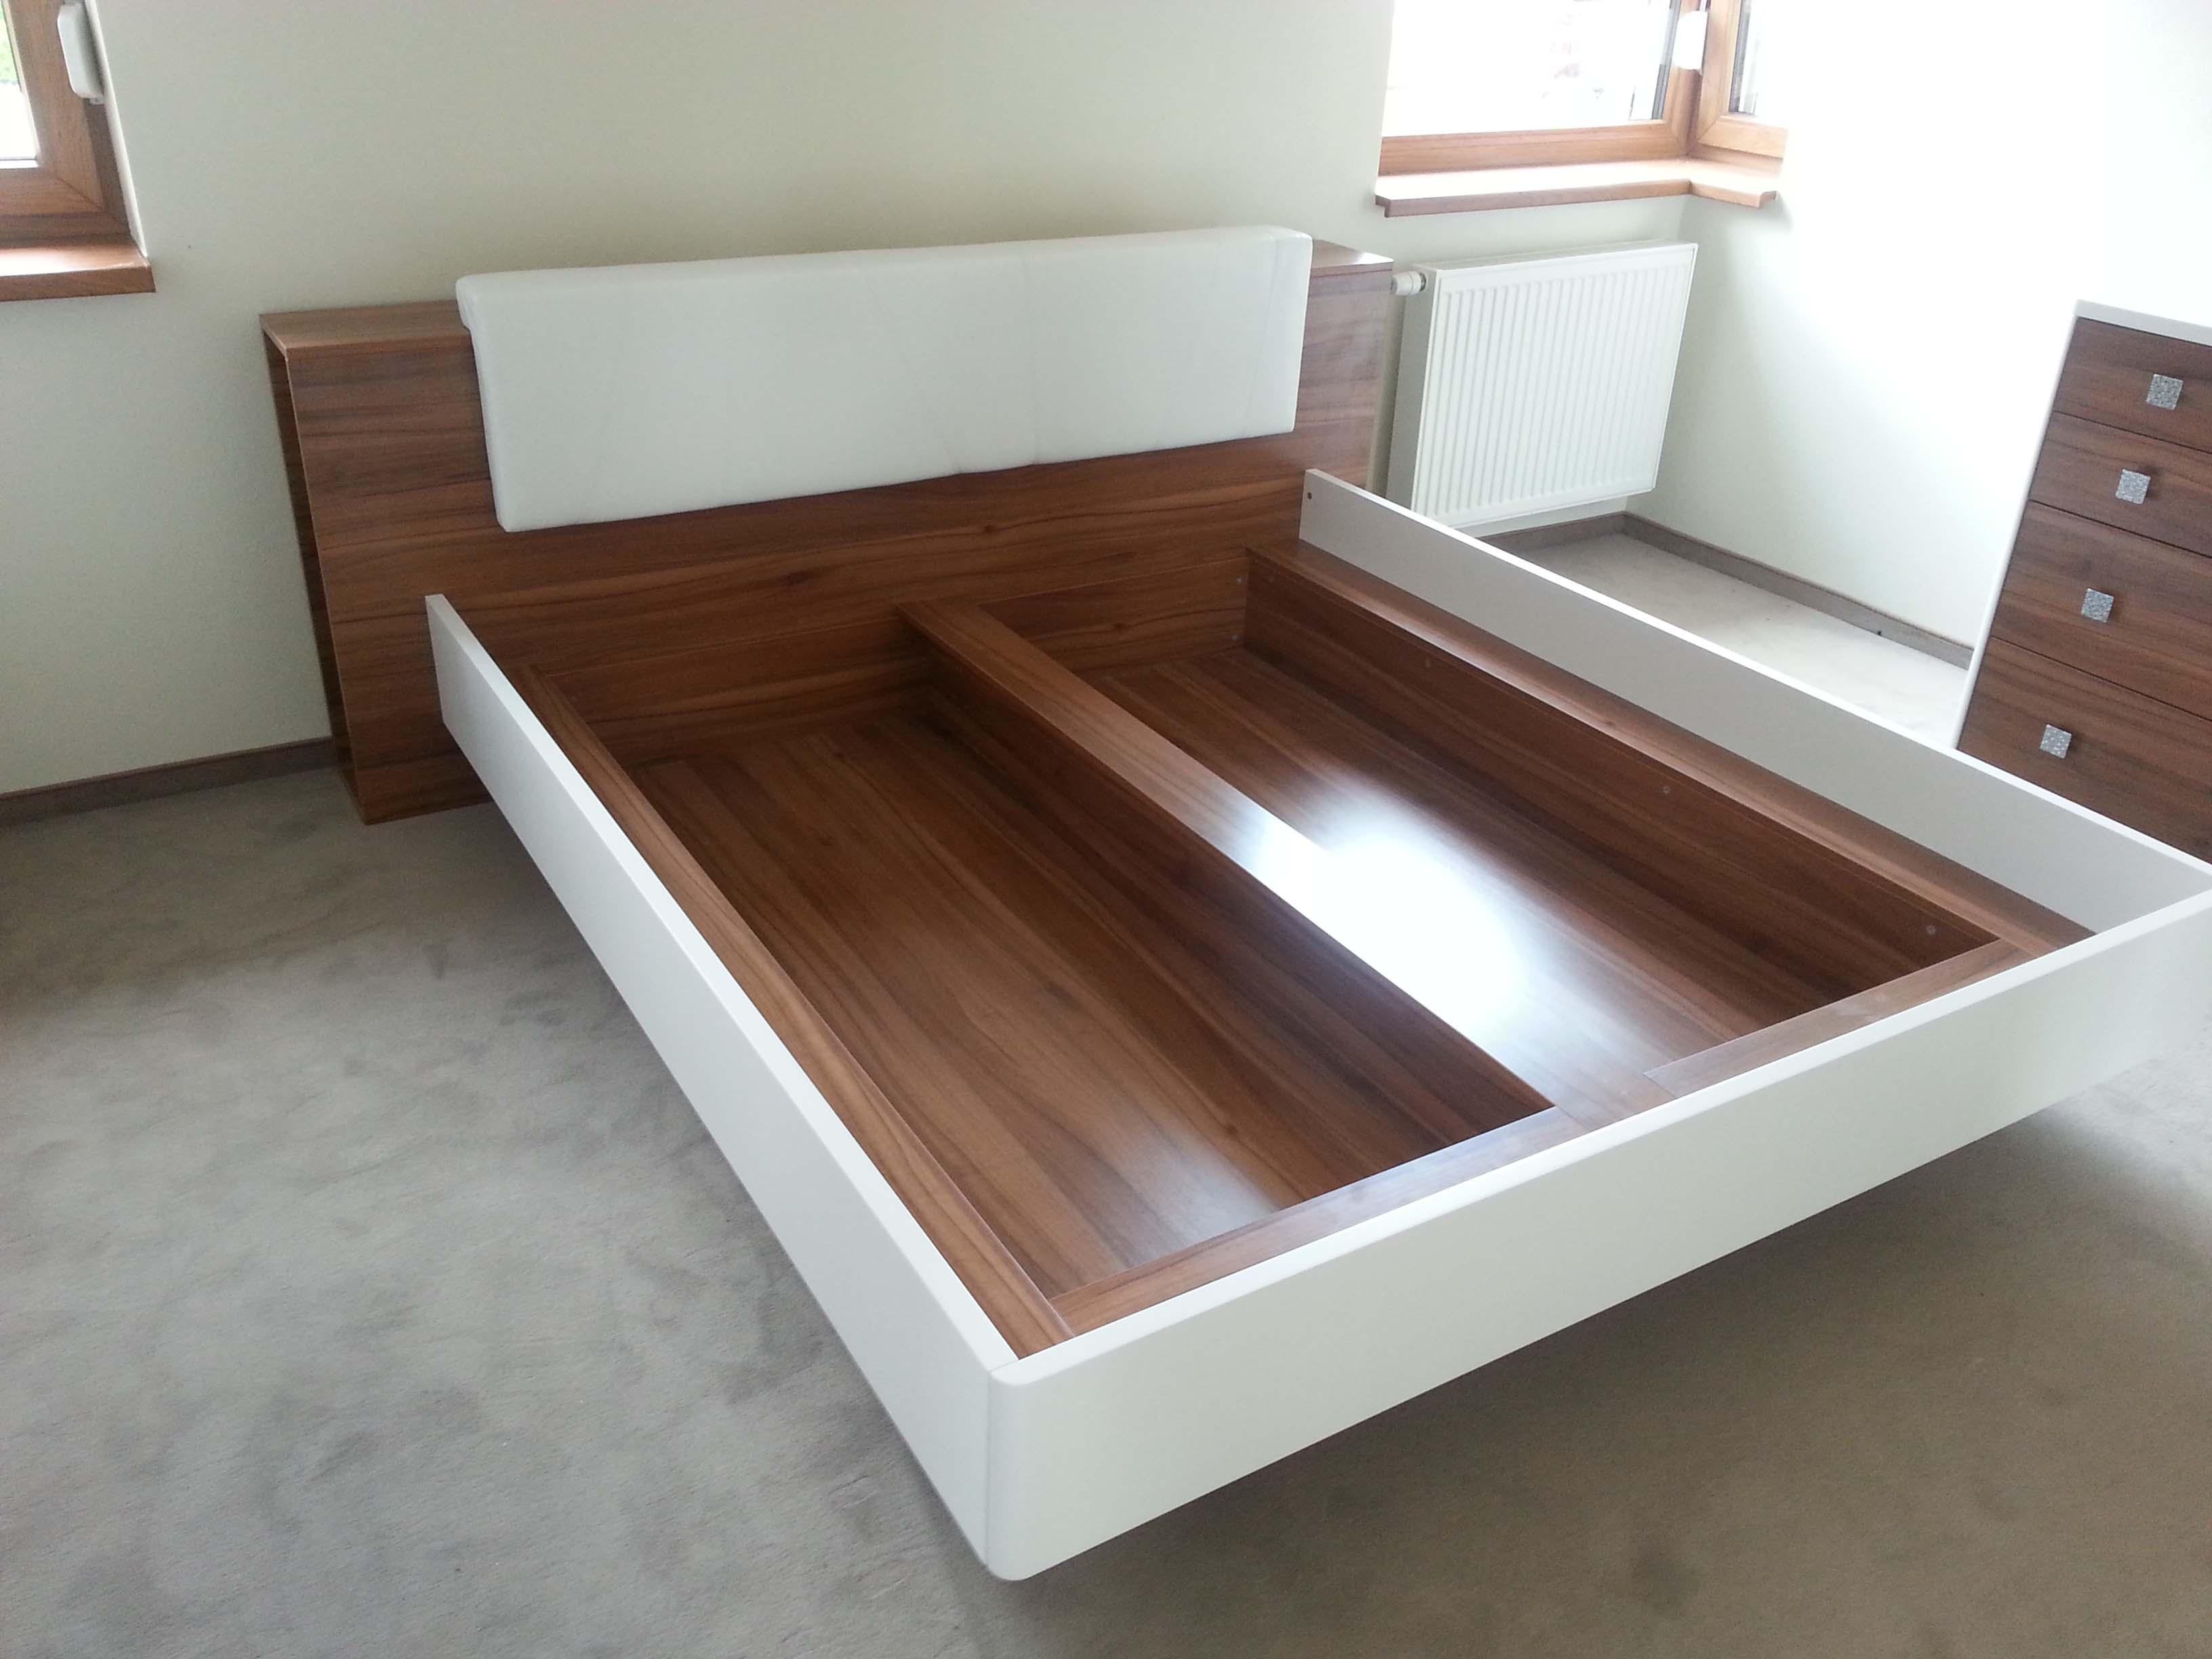 postele s ukladacím priestorom na mieru